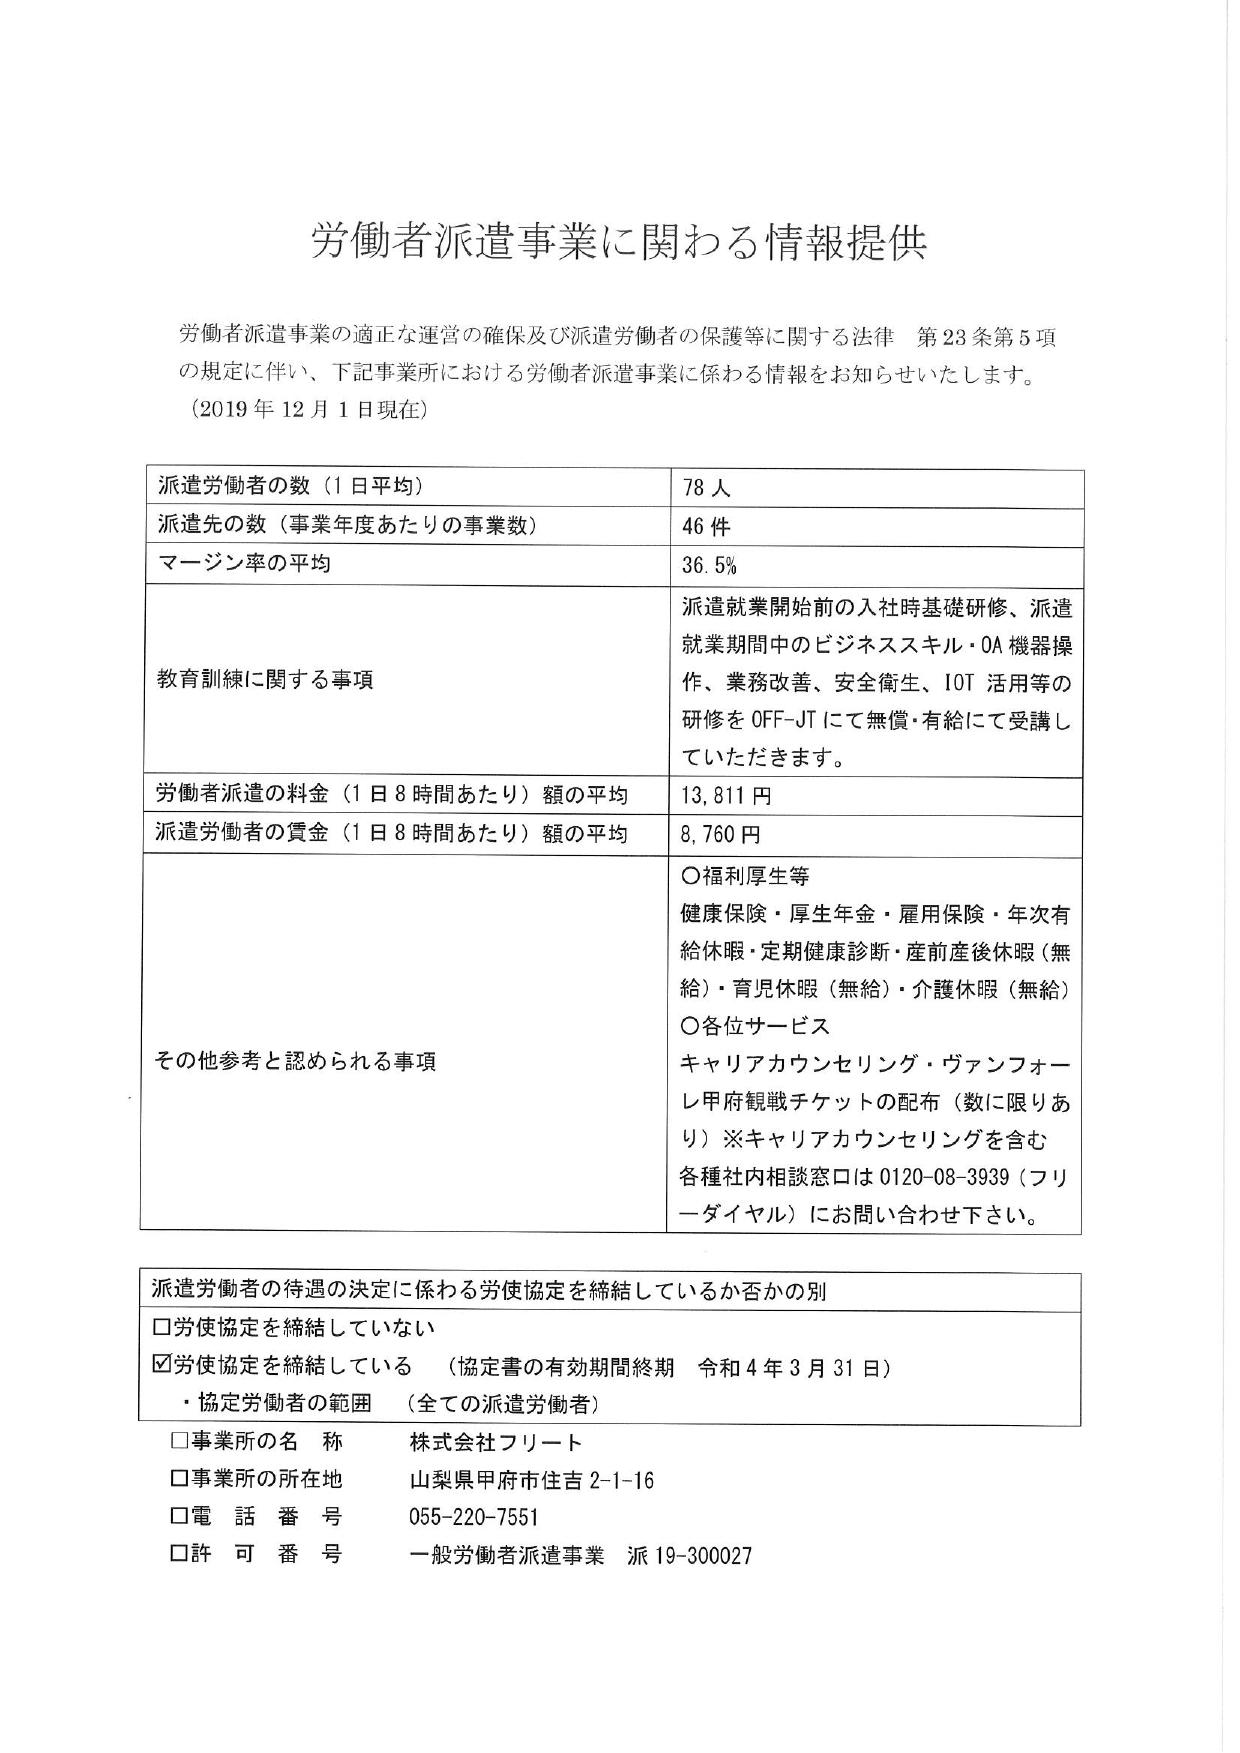 『労働者派遣事業に関わる情報提供』